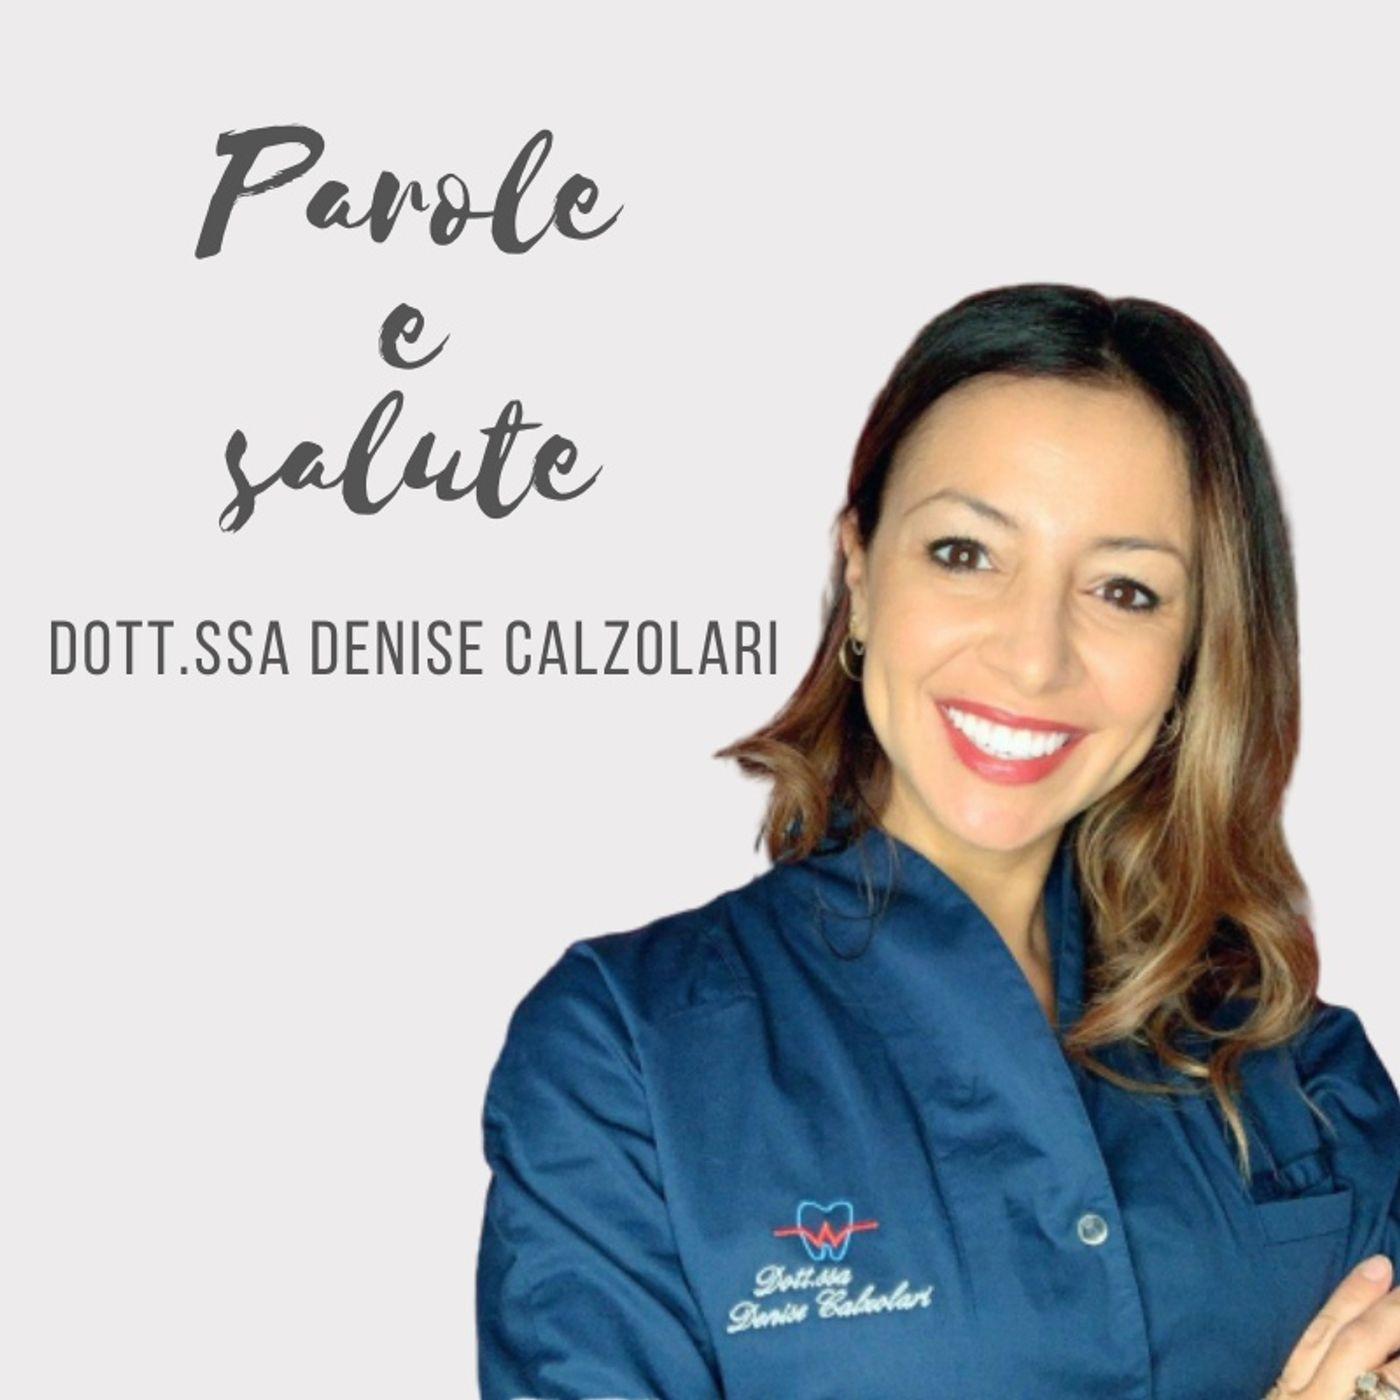 Web, contenuti, relazioni - con la Dott.ssa Denise Calzolari